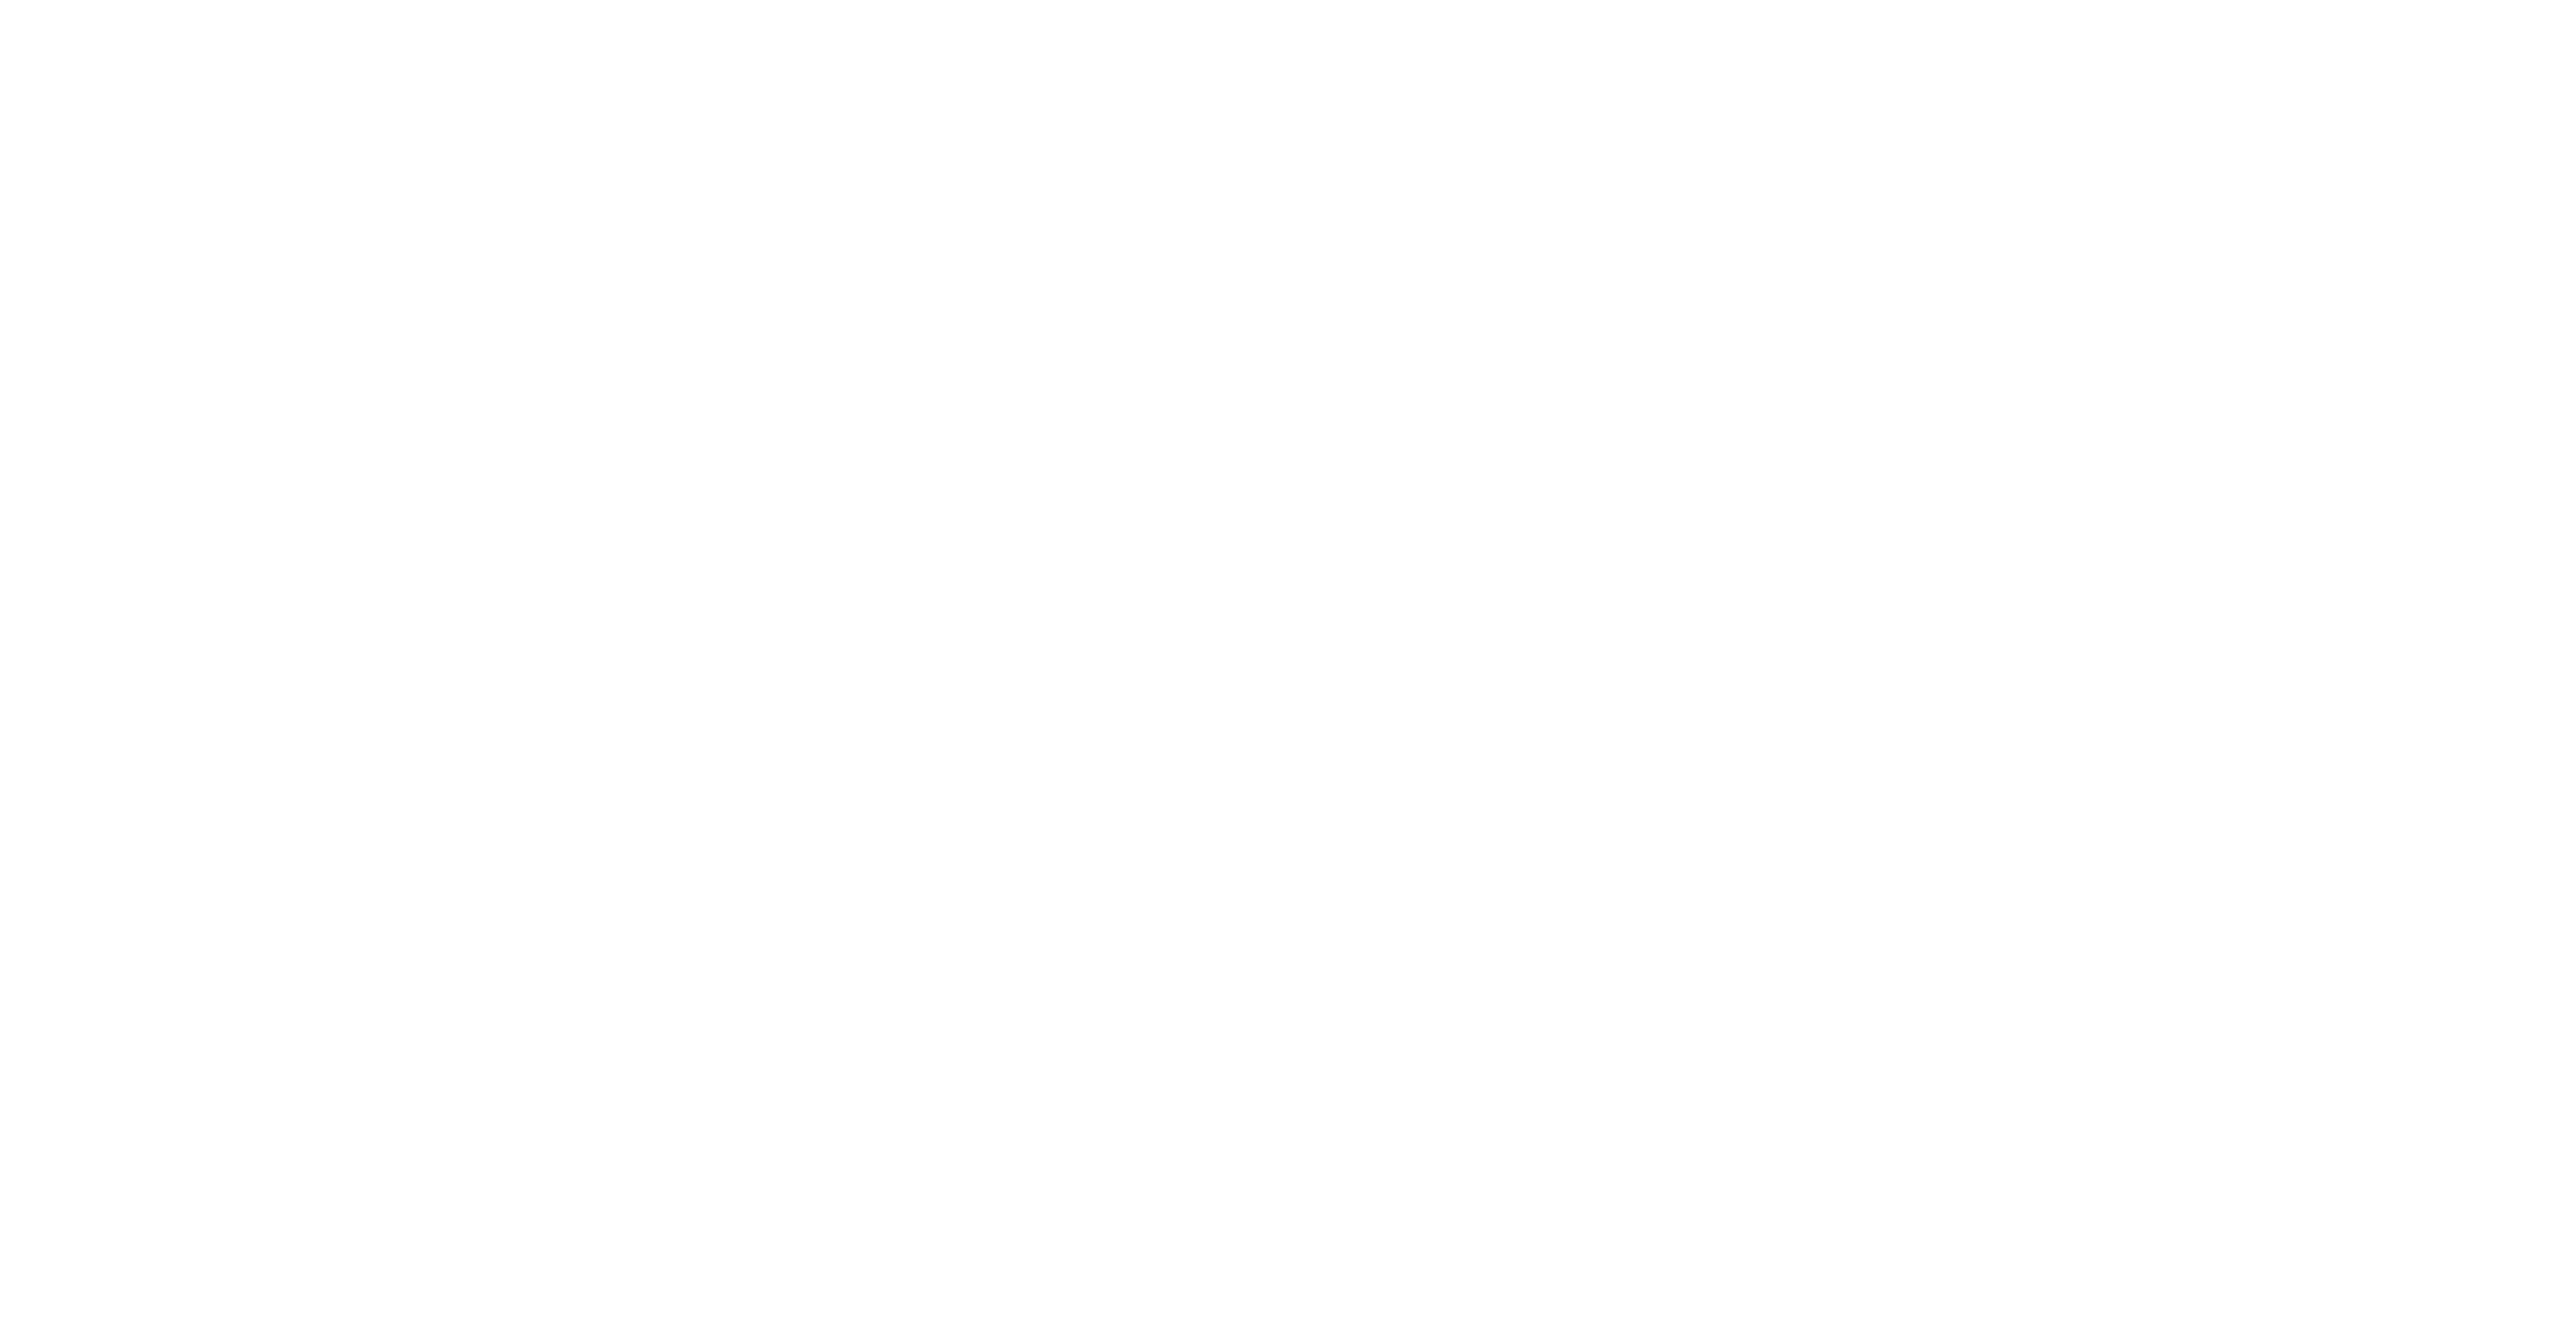 moral_polarization_logo_white